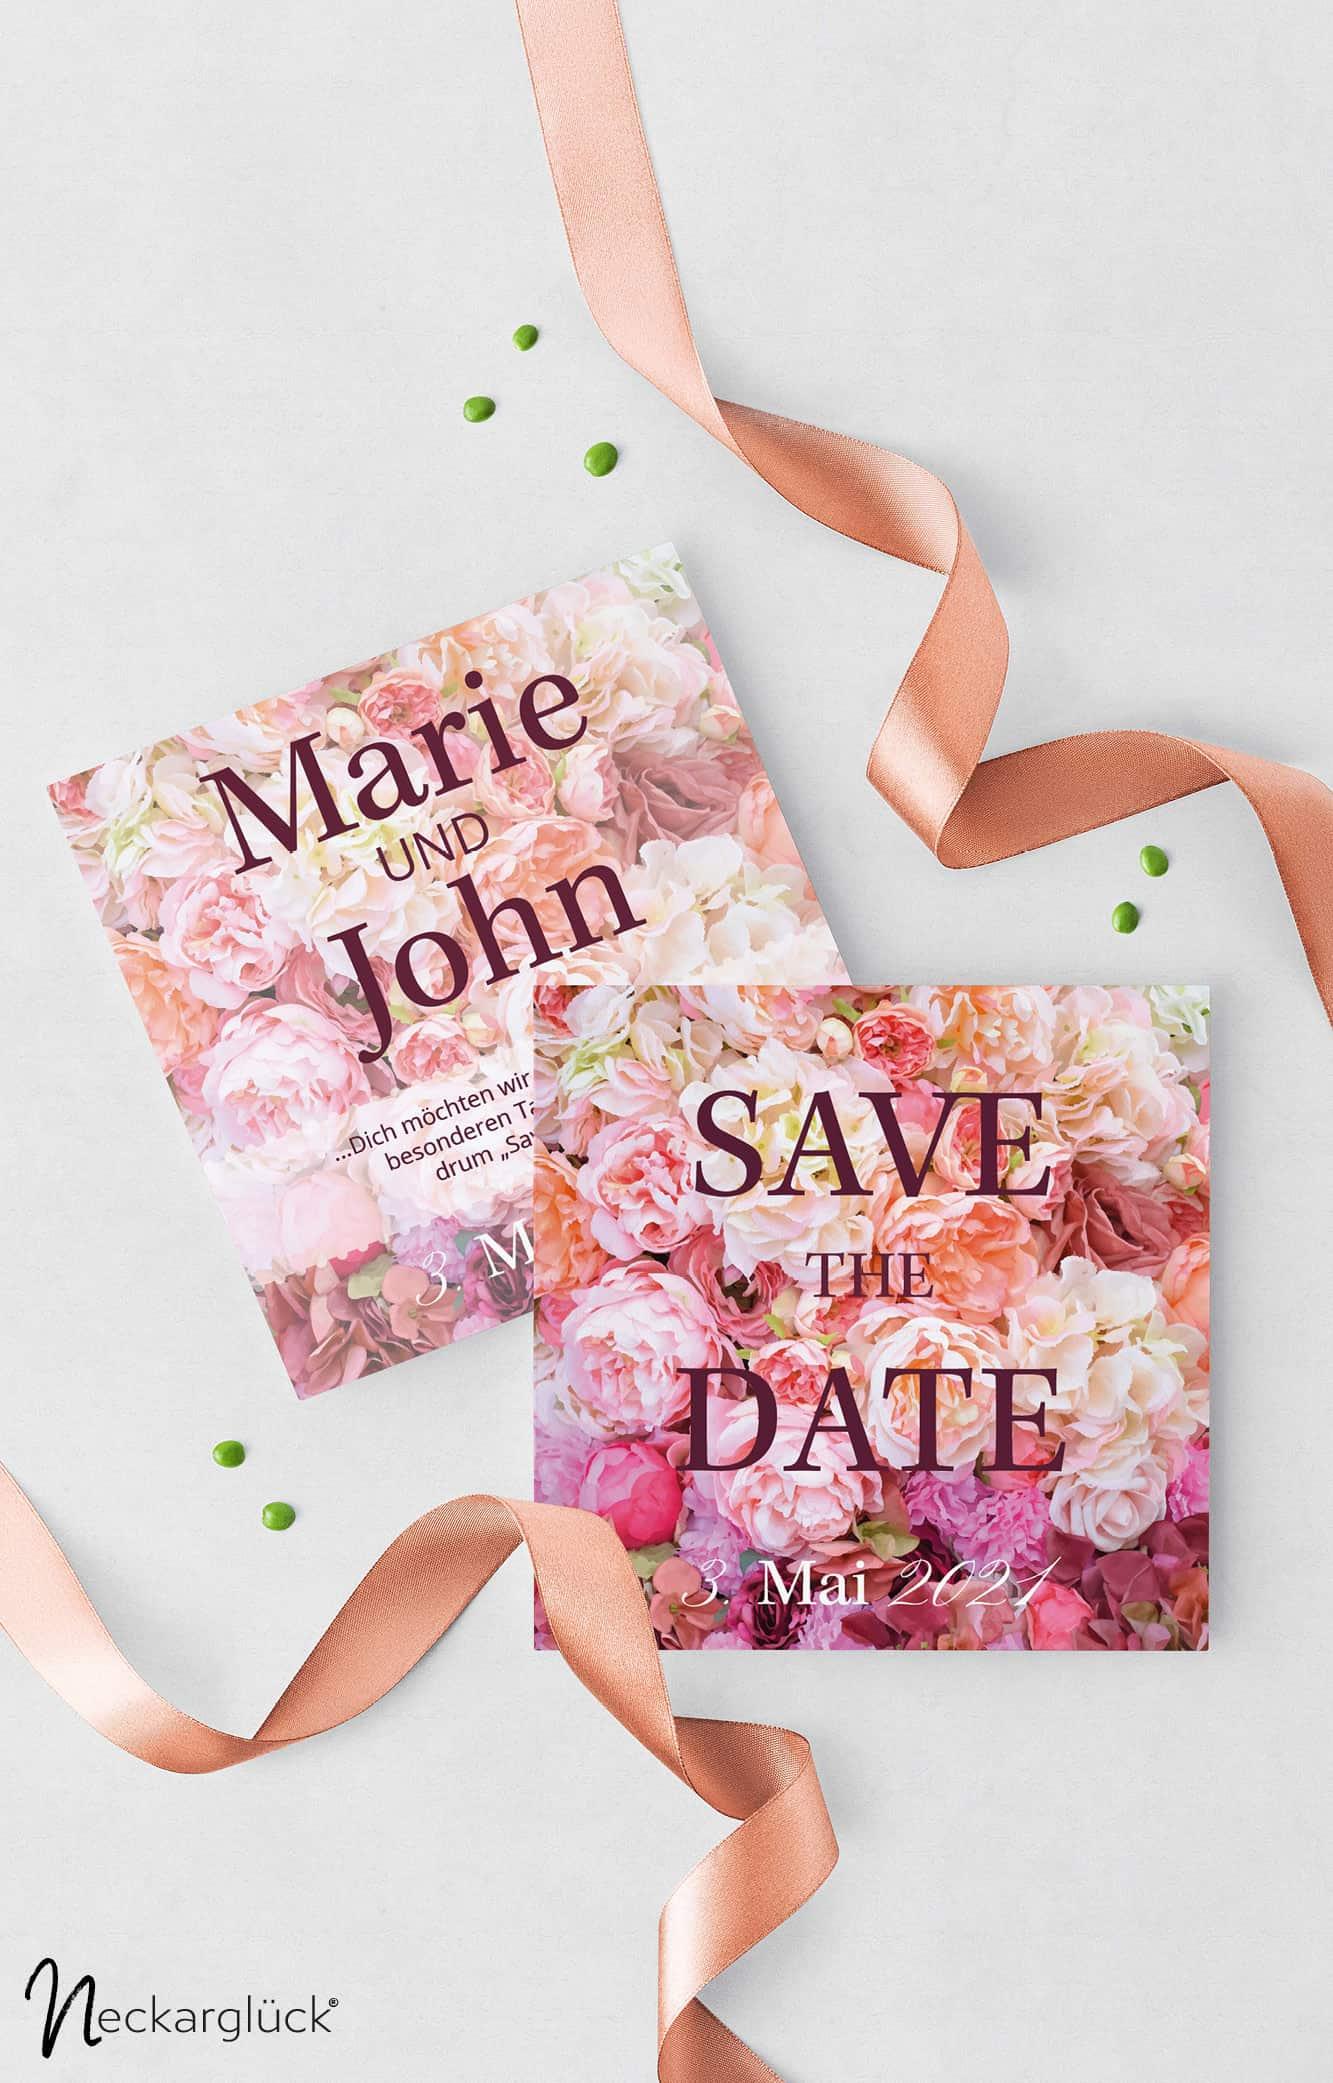 Floral Explosion Hochzeitsdesign Save the Date Karte